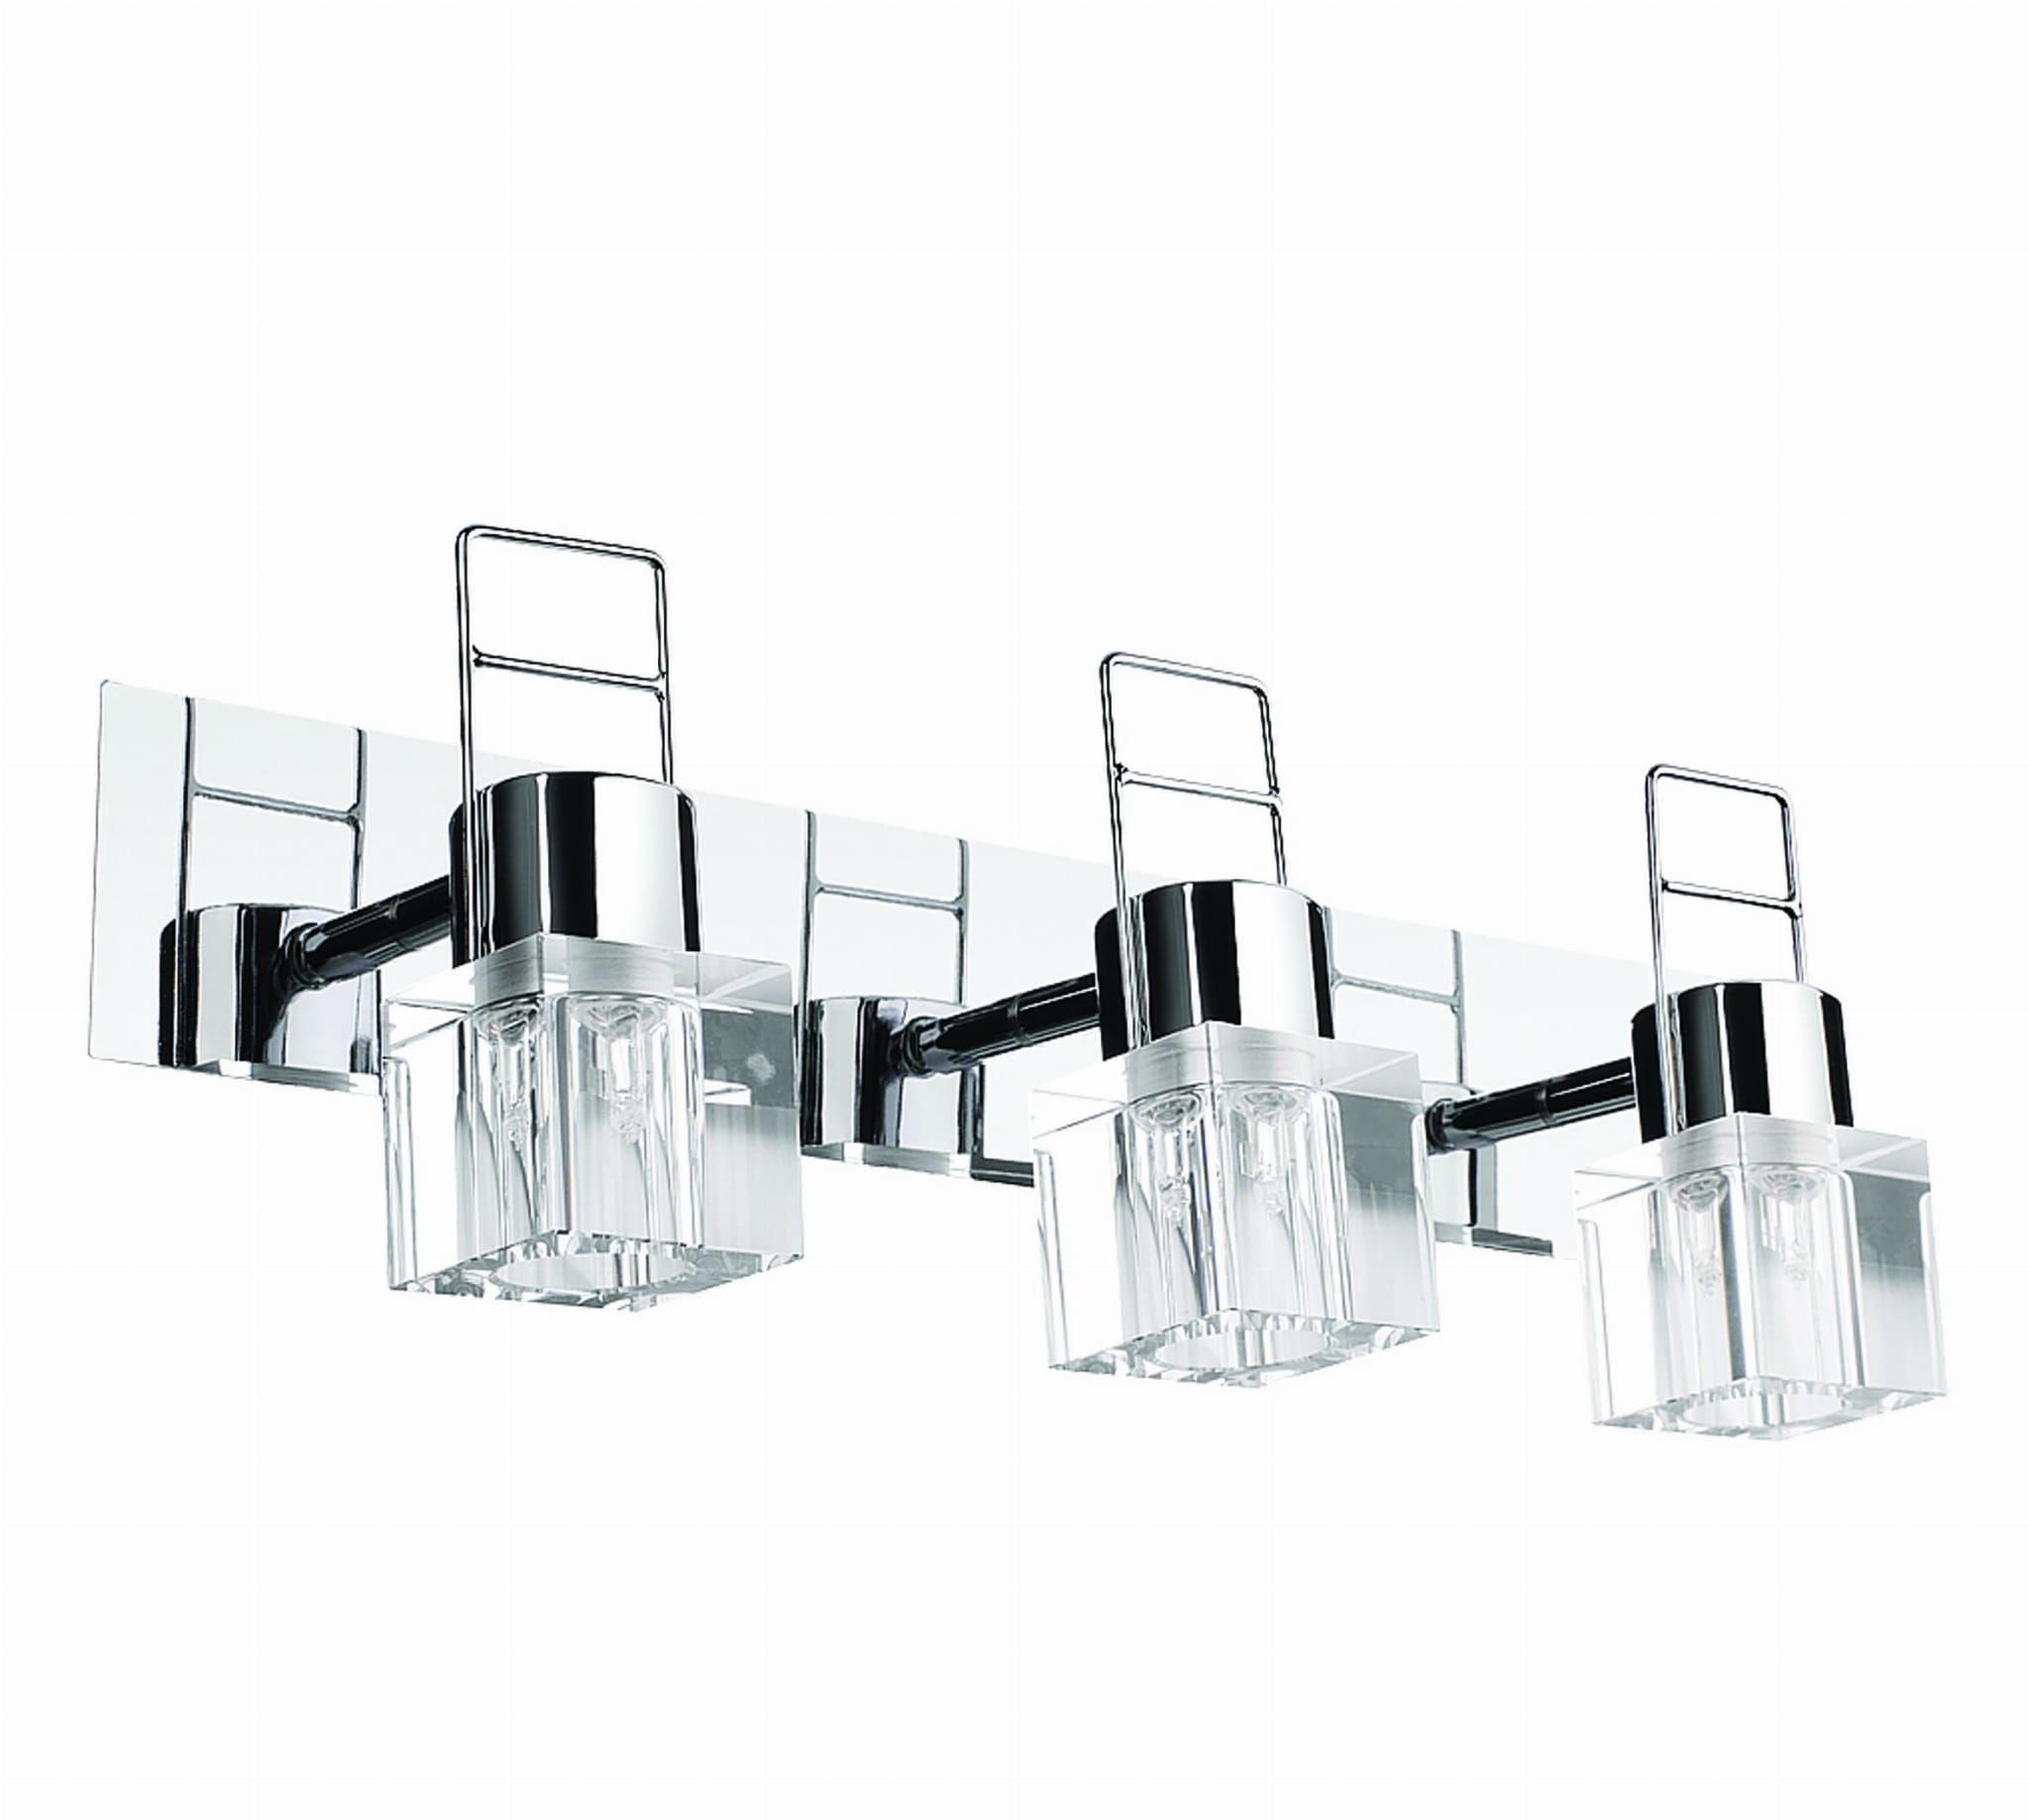 Light Prestige Londyn 3 spot LP-503/3W kinkiet lampa ścienna nowoczesny stylowy klosz kryształowy transparentny chromowana podstawa 3x40W G9 47cm